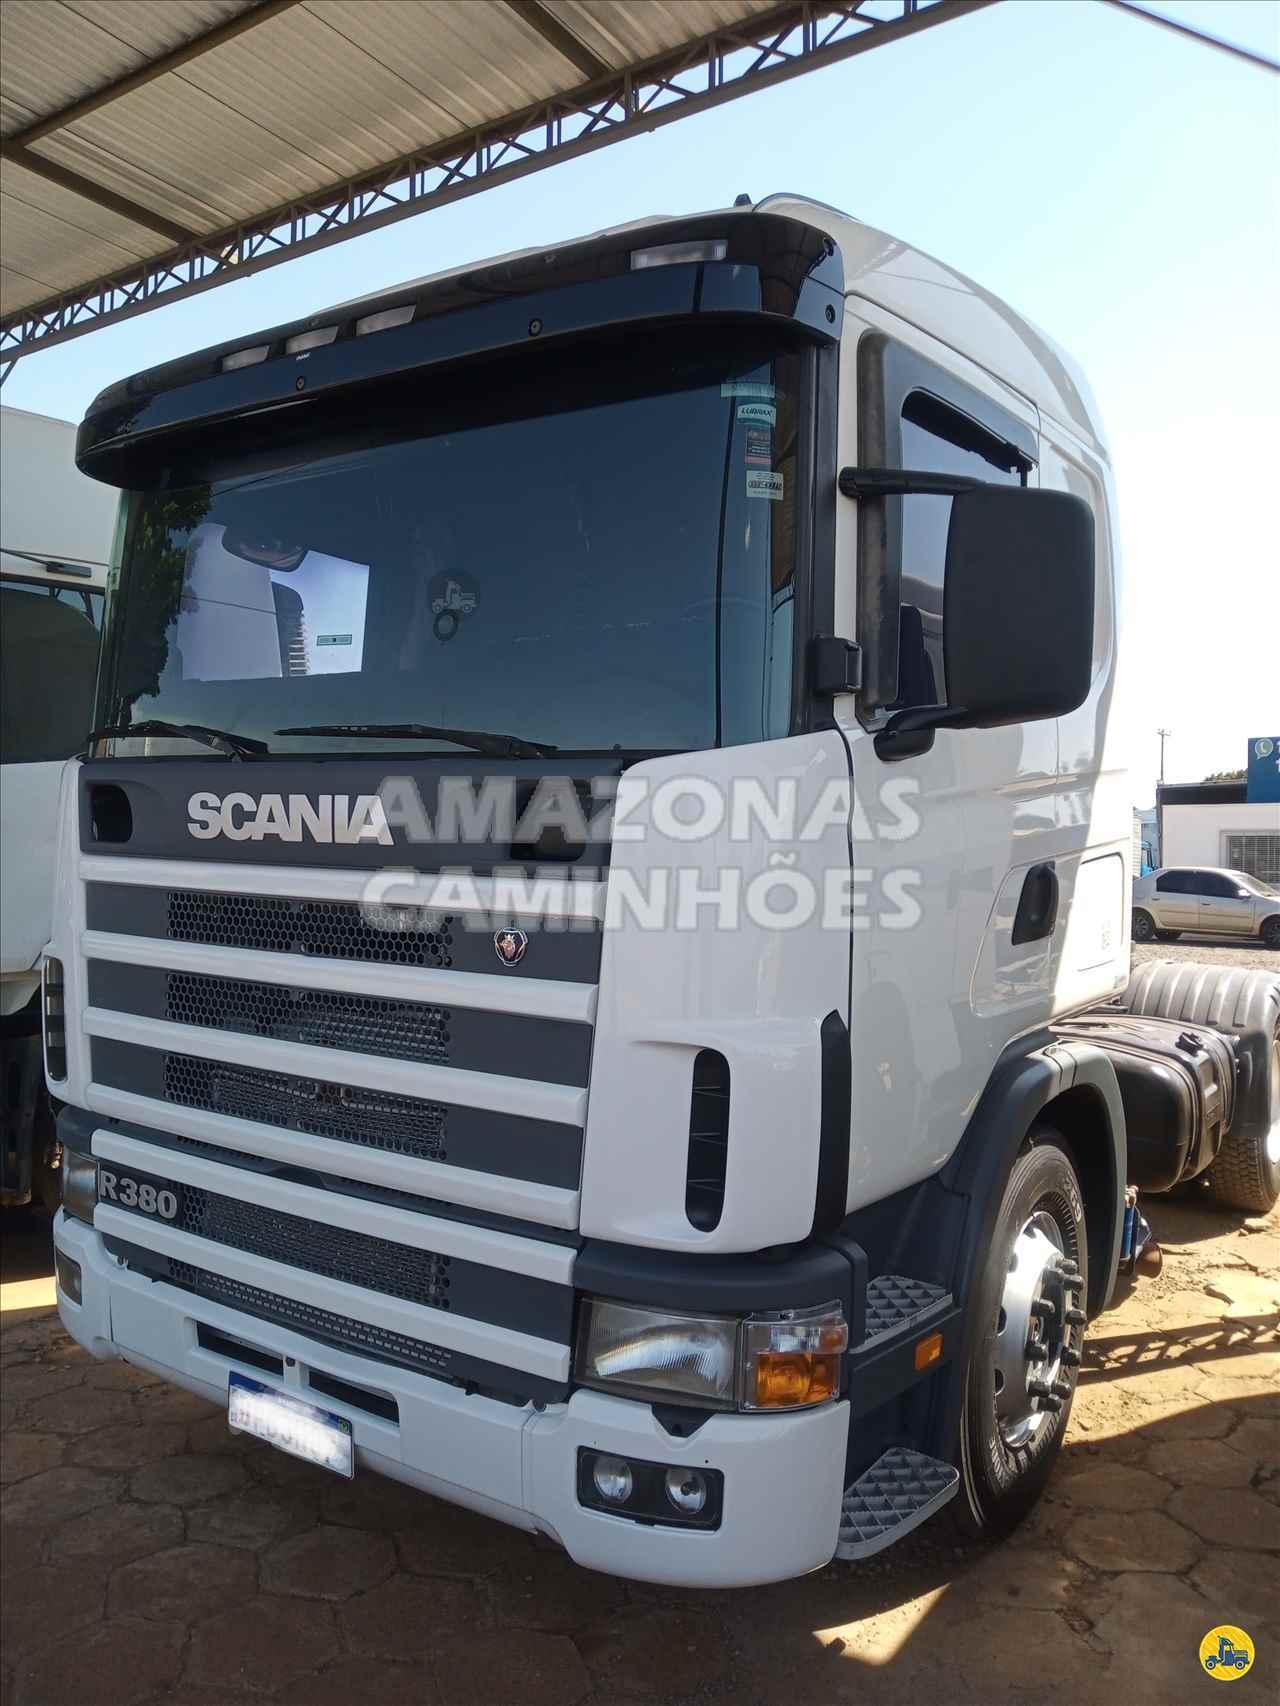 SCANIA 380 de Amazonas Caminhões - SP - MARILIA/SP